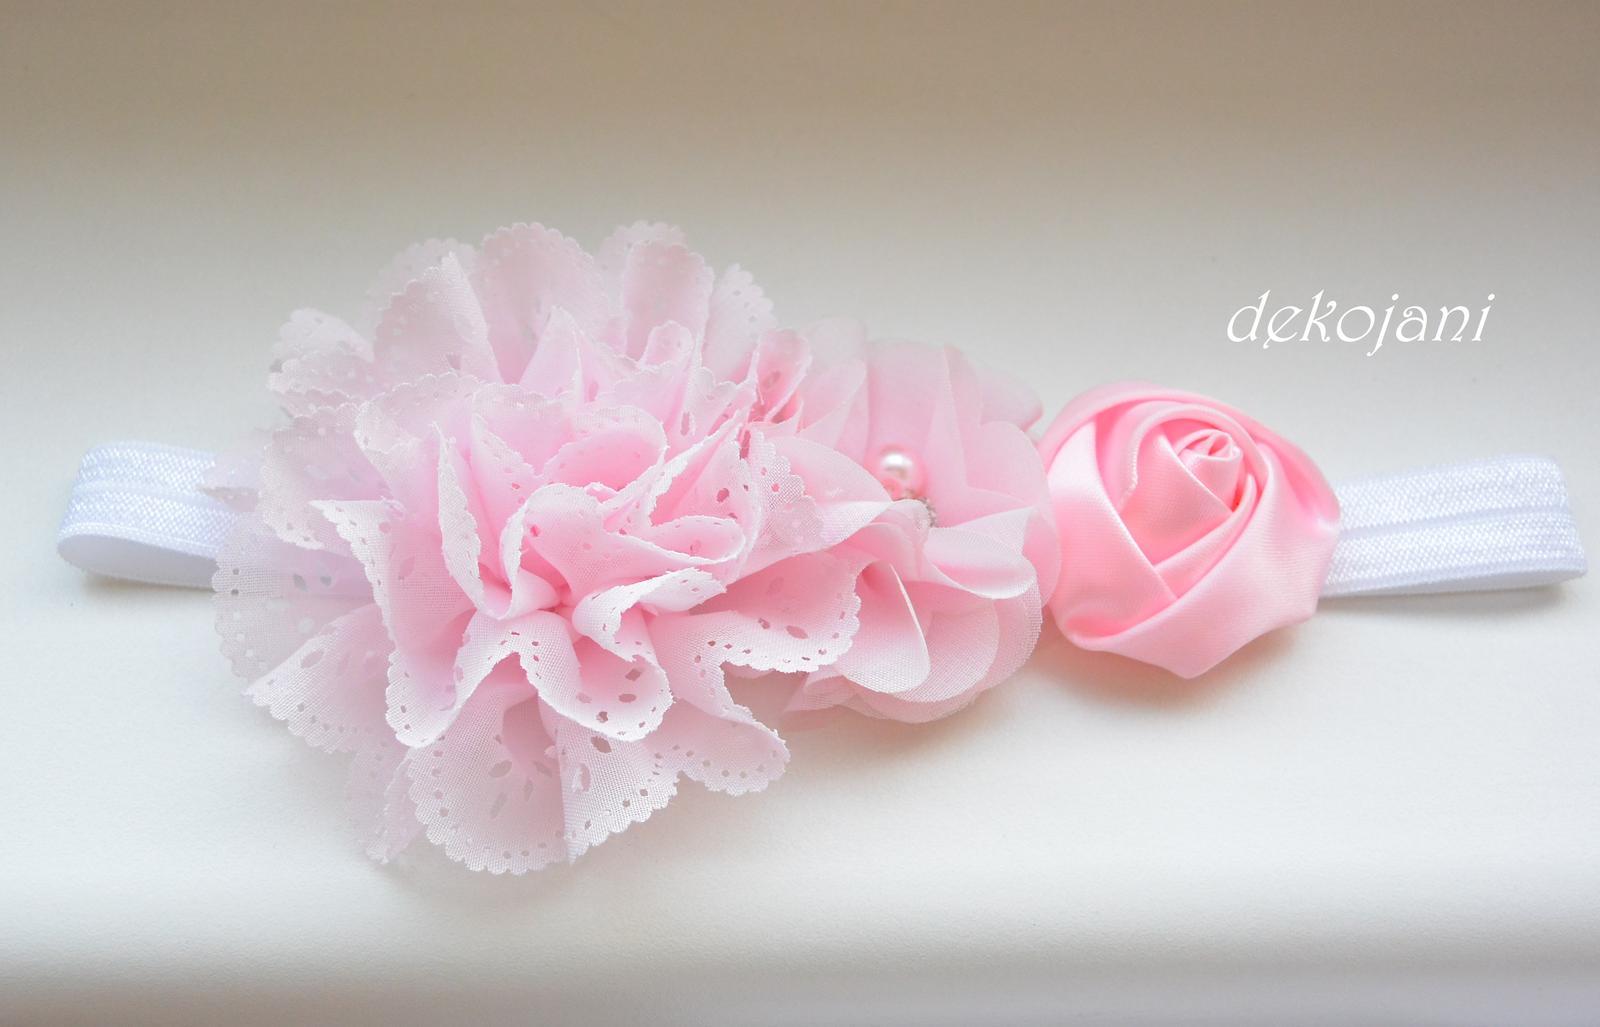 Čelenky, květiny do vlasů, náramky, obojek pro pejska... - Obrázek č. 51